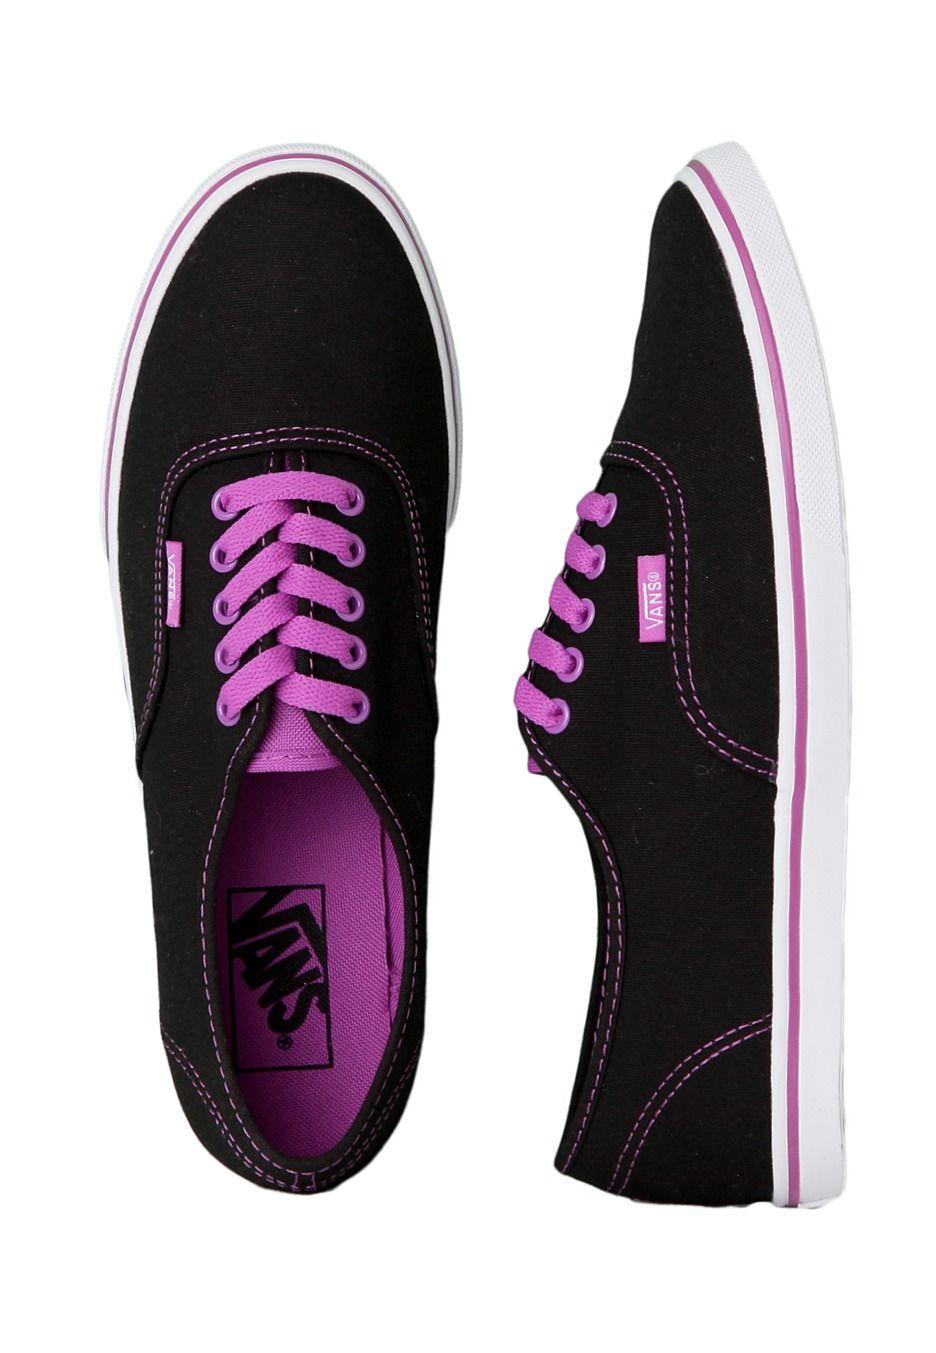 69f97f7168 Vans - Authentic Lo Pro Neon Black Purple - Girl Shoes - Official ...